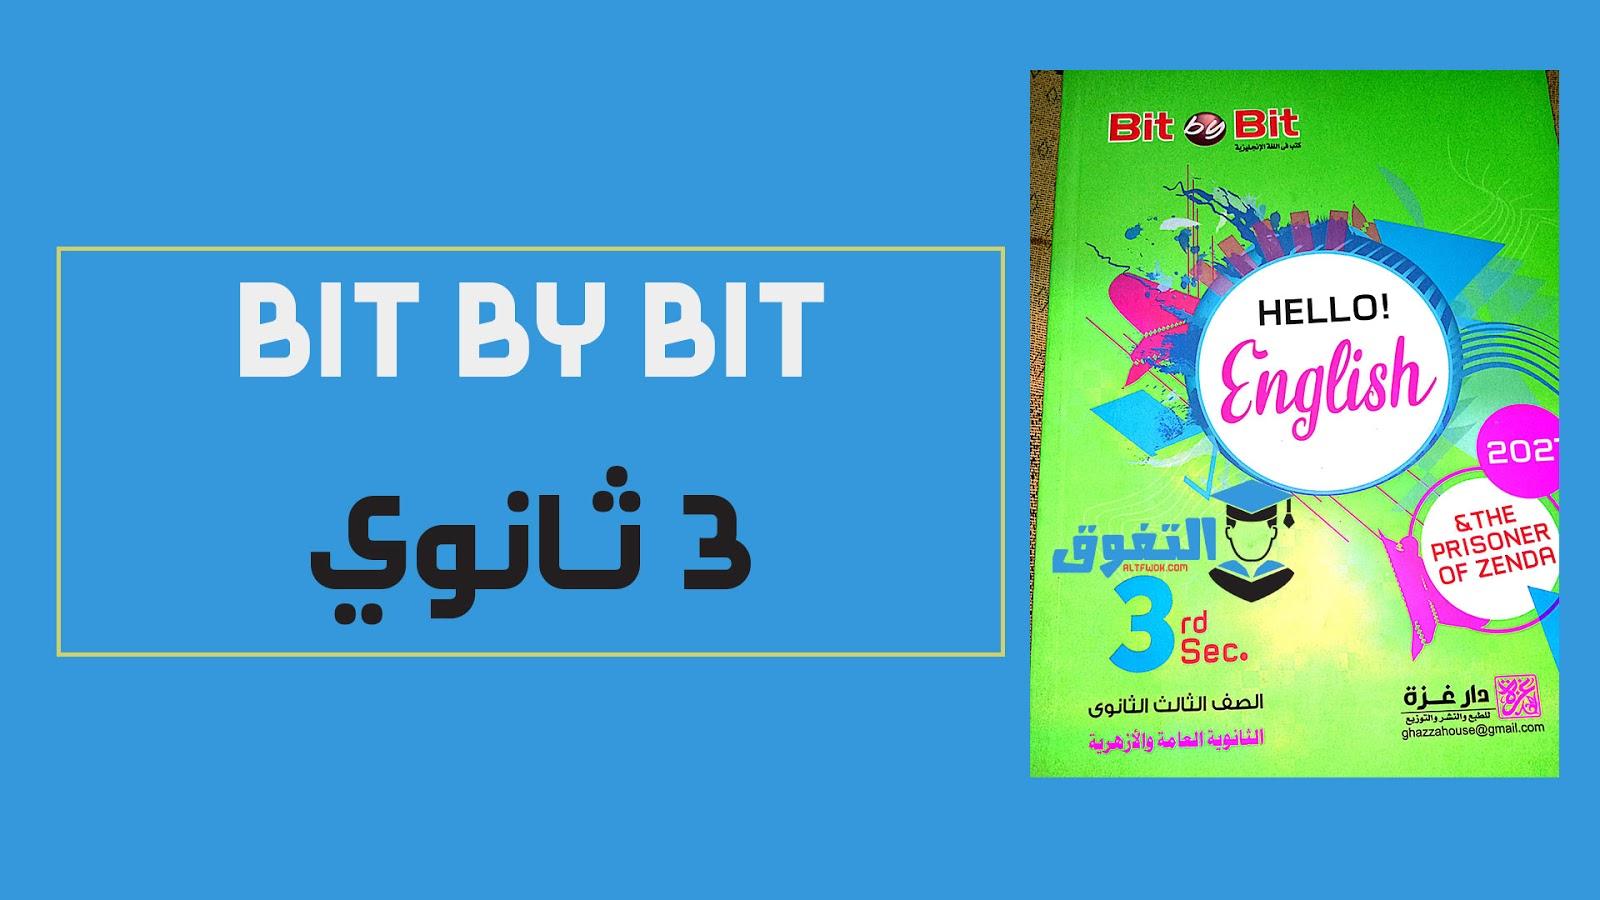 تحميل كتاب بت باى بت Bit by Bit  لغة انجليزية للصف الثالث الثانوى 2021 (النسخة الجديدة كاملة ) ...فيديو